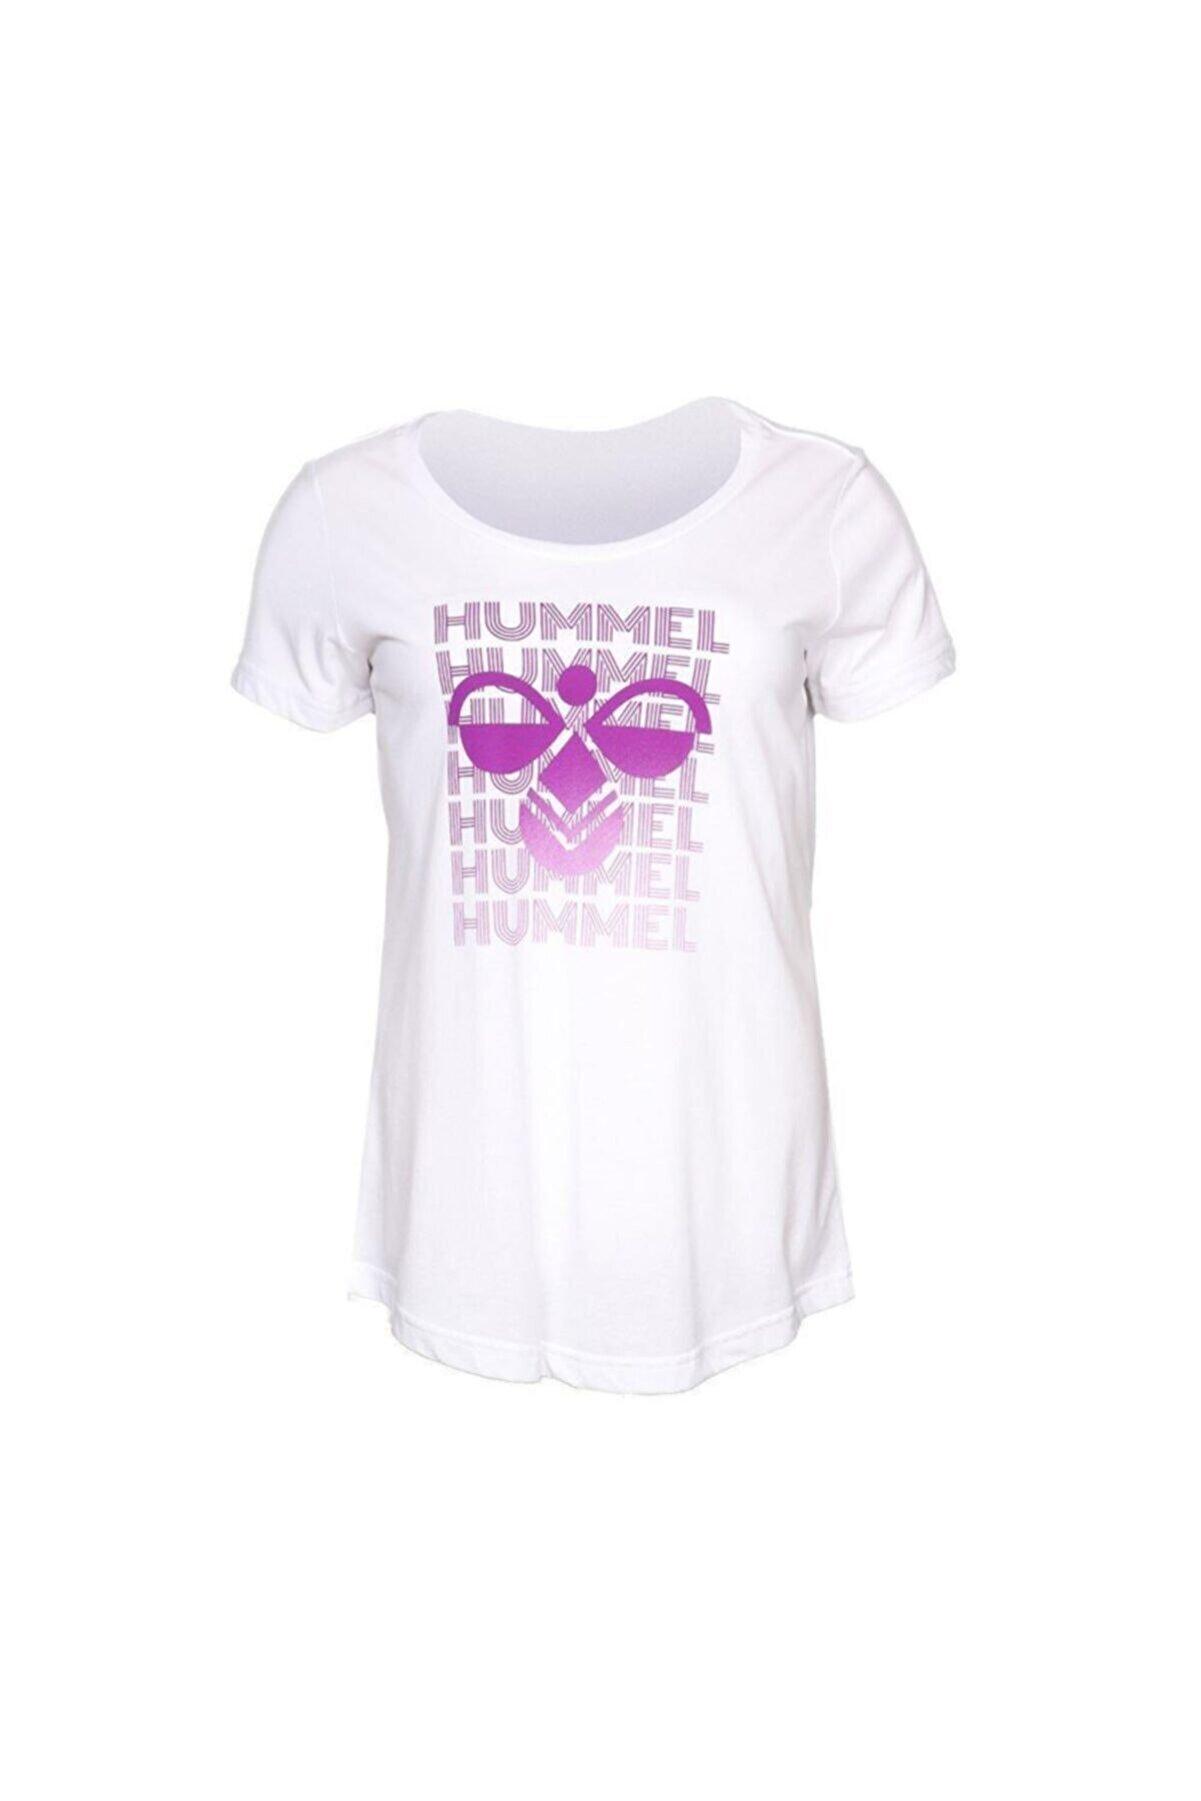 HUMMEL HMLGEGIL T-SHIRT S/S Beyaz Kadın T-Shirt 100580712